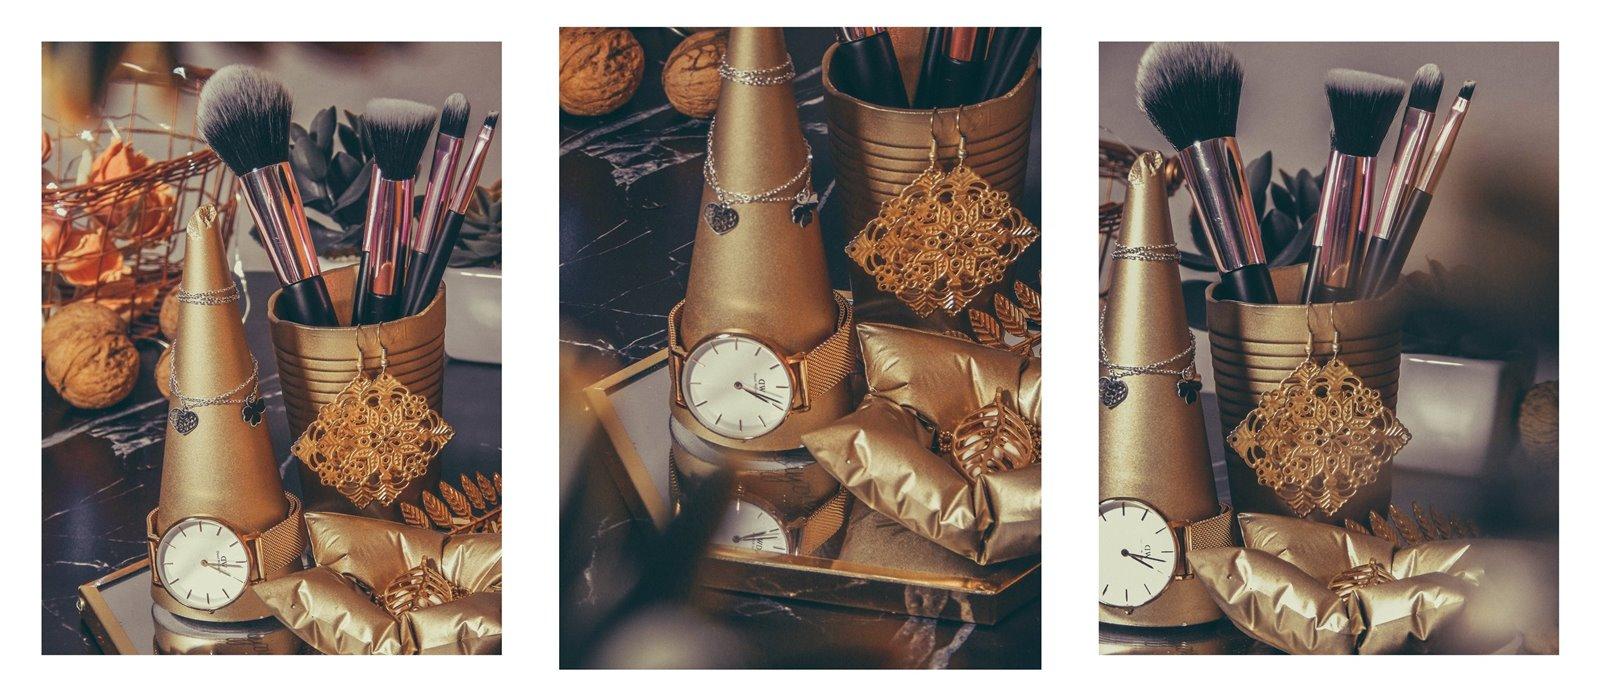 4a contit stylowe złote dodatki do wnętrz stojak na bizuterię jak przechowywać biżuterię nowoczesne dekoracje pomysł na prezent łódzkie upominki prezenty na gwiazdkę co kupić dziewczynie na urodziny, na święta